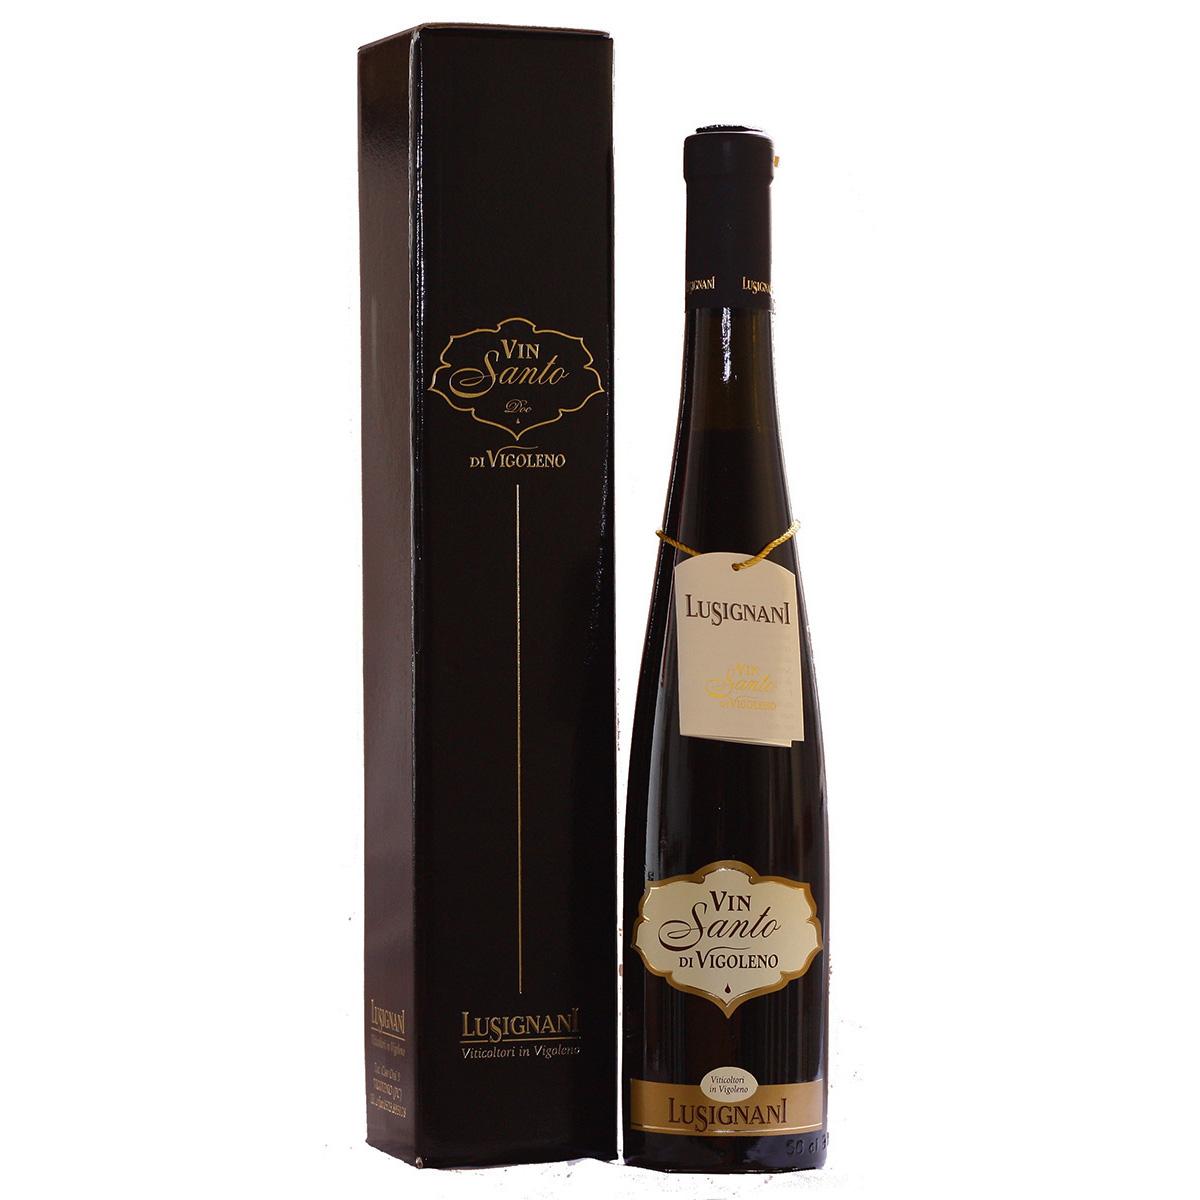 Colli Piacentini Vin Santo di Vigoleno DOC Lusignani cl37,50